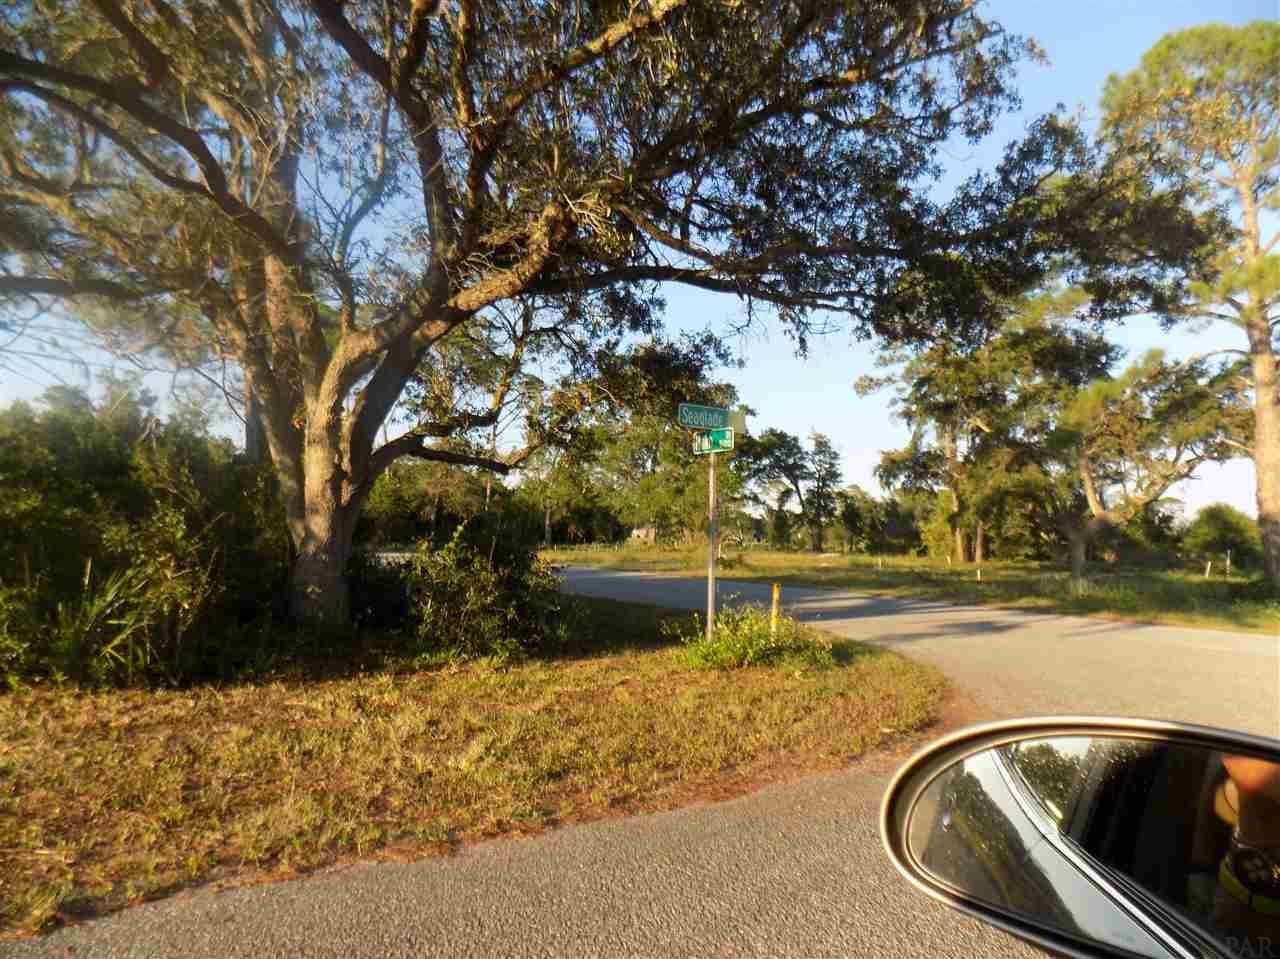 Lot 12 Blk 3 Seaglades Dr, Pensacola, FL 32507